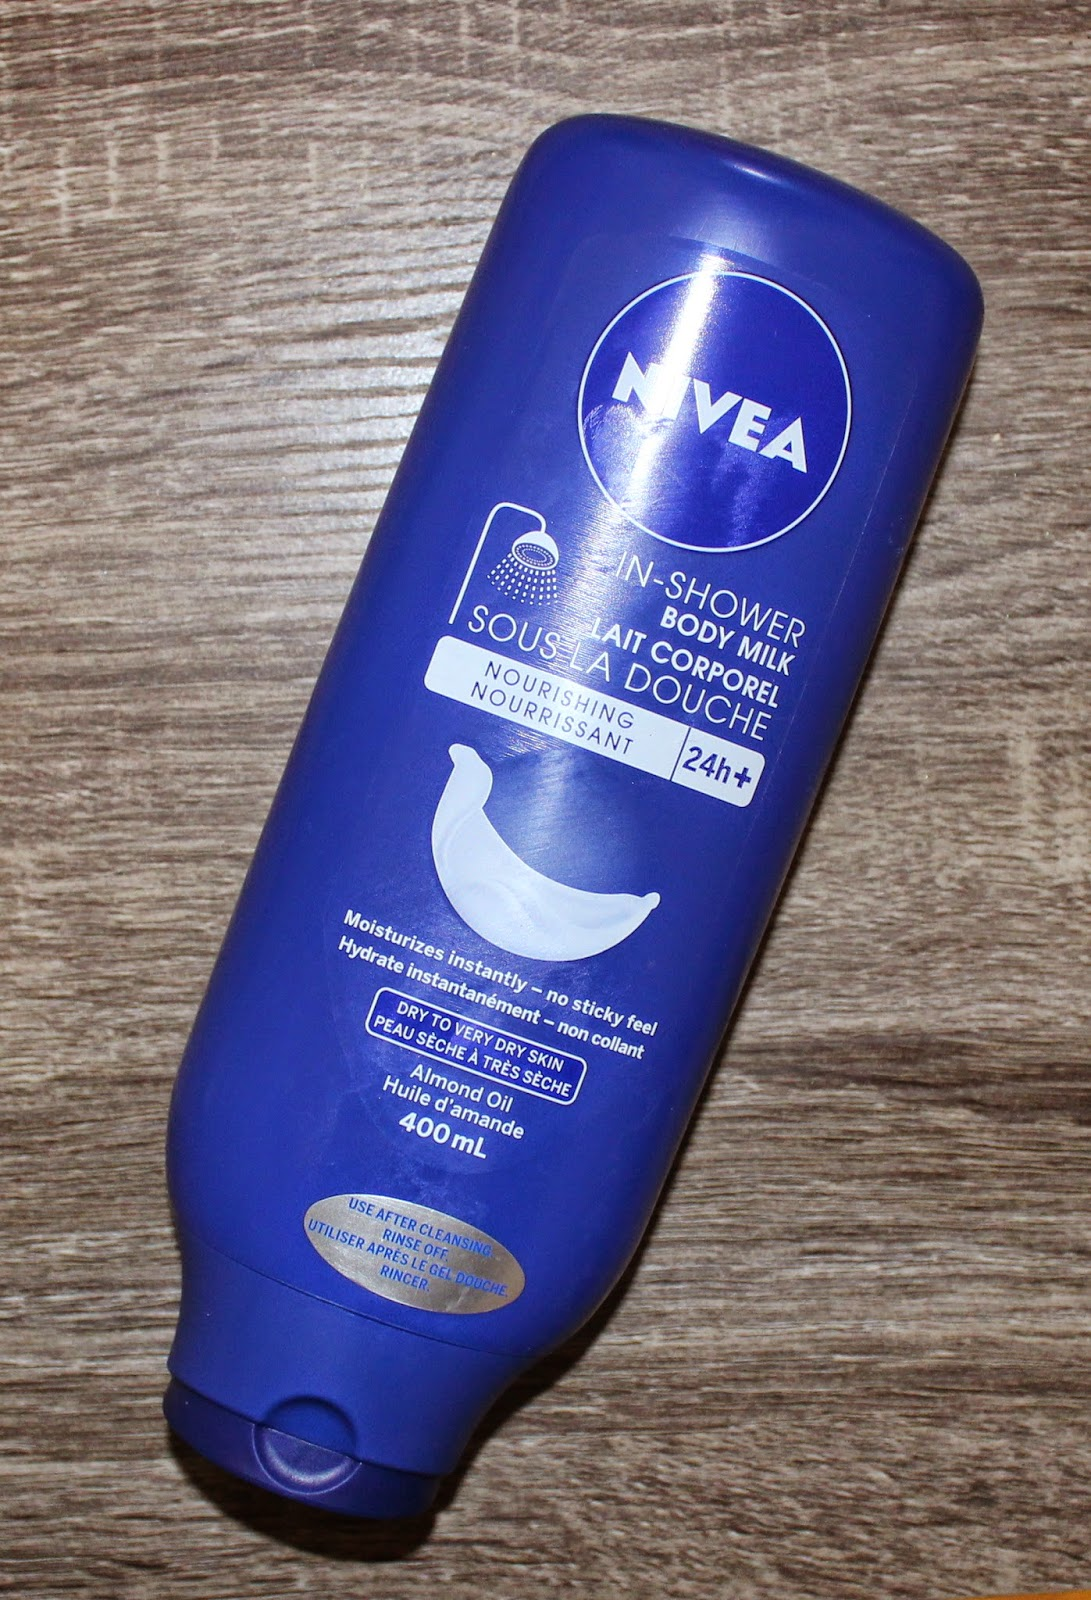 Nivea In-Shower Body Milk